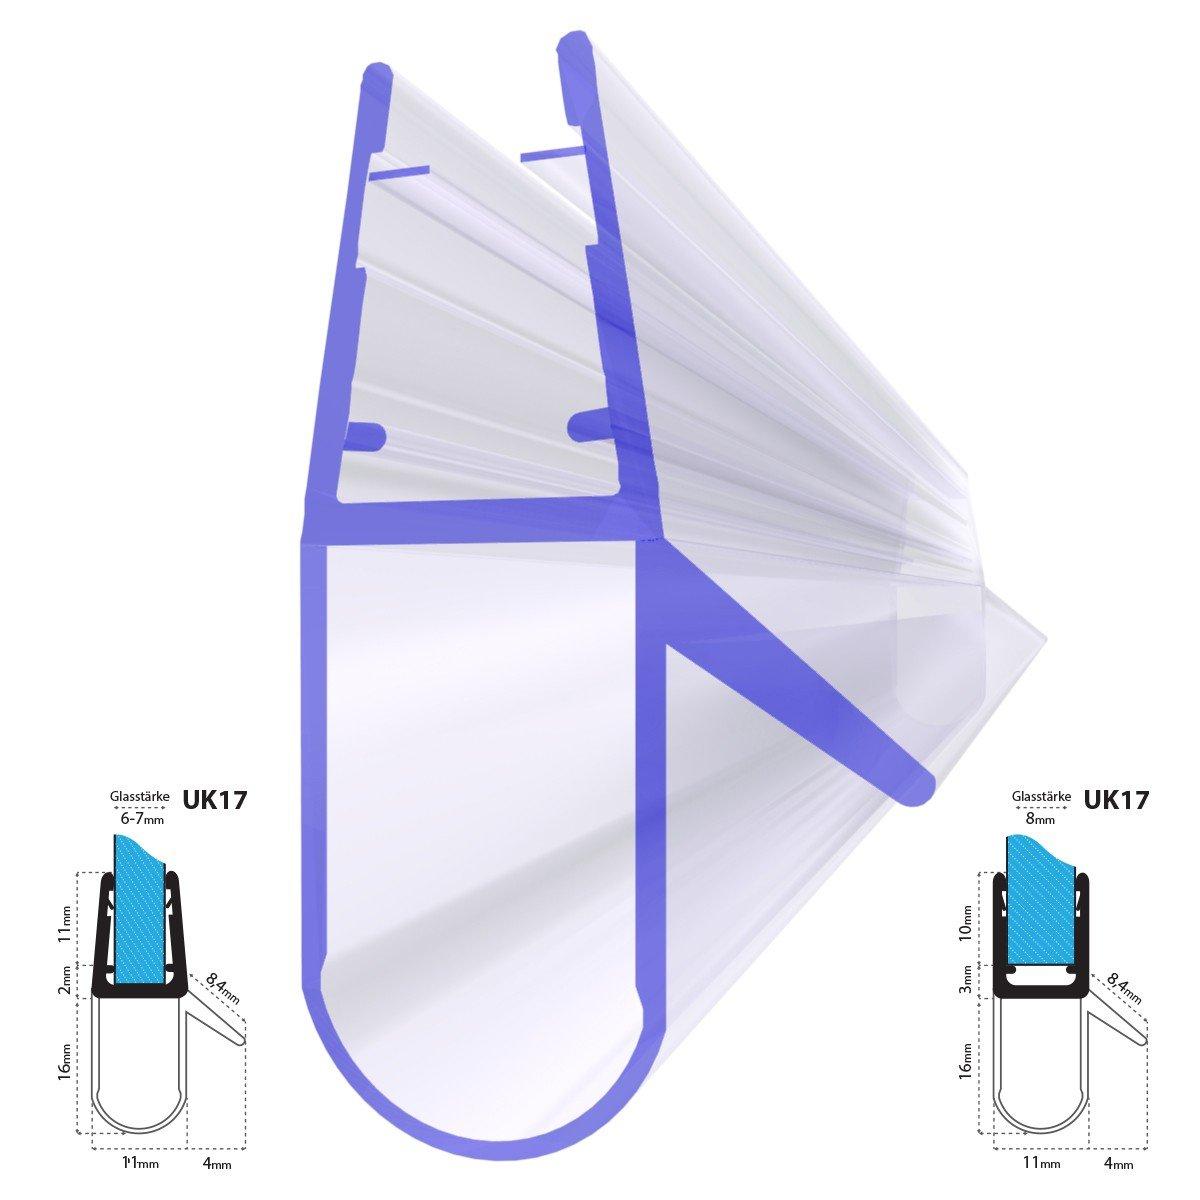 steigner 40 cm Joint de rechange pour 5 mm/6 mm/7 mm/8 mm é paisseur de verre douche Dé flecteurs d'air eau Joint uk17 Cascade Protection Cabine de douche 51483710